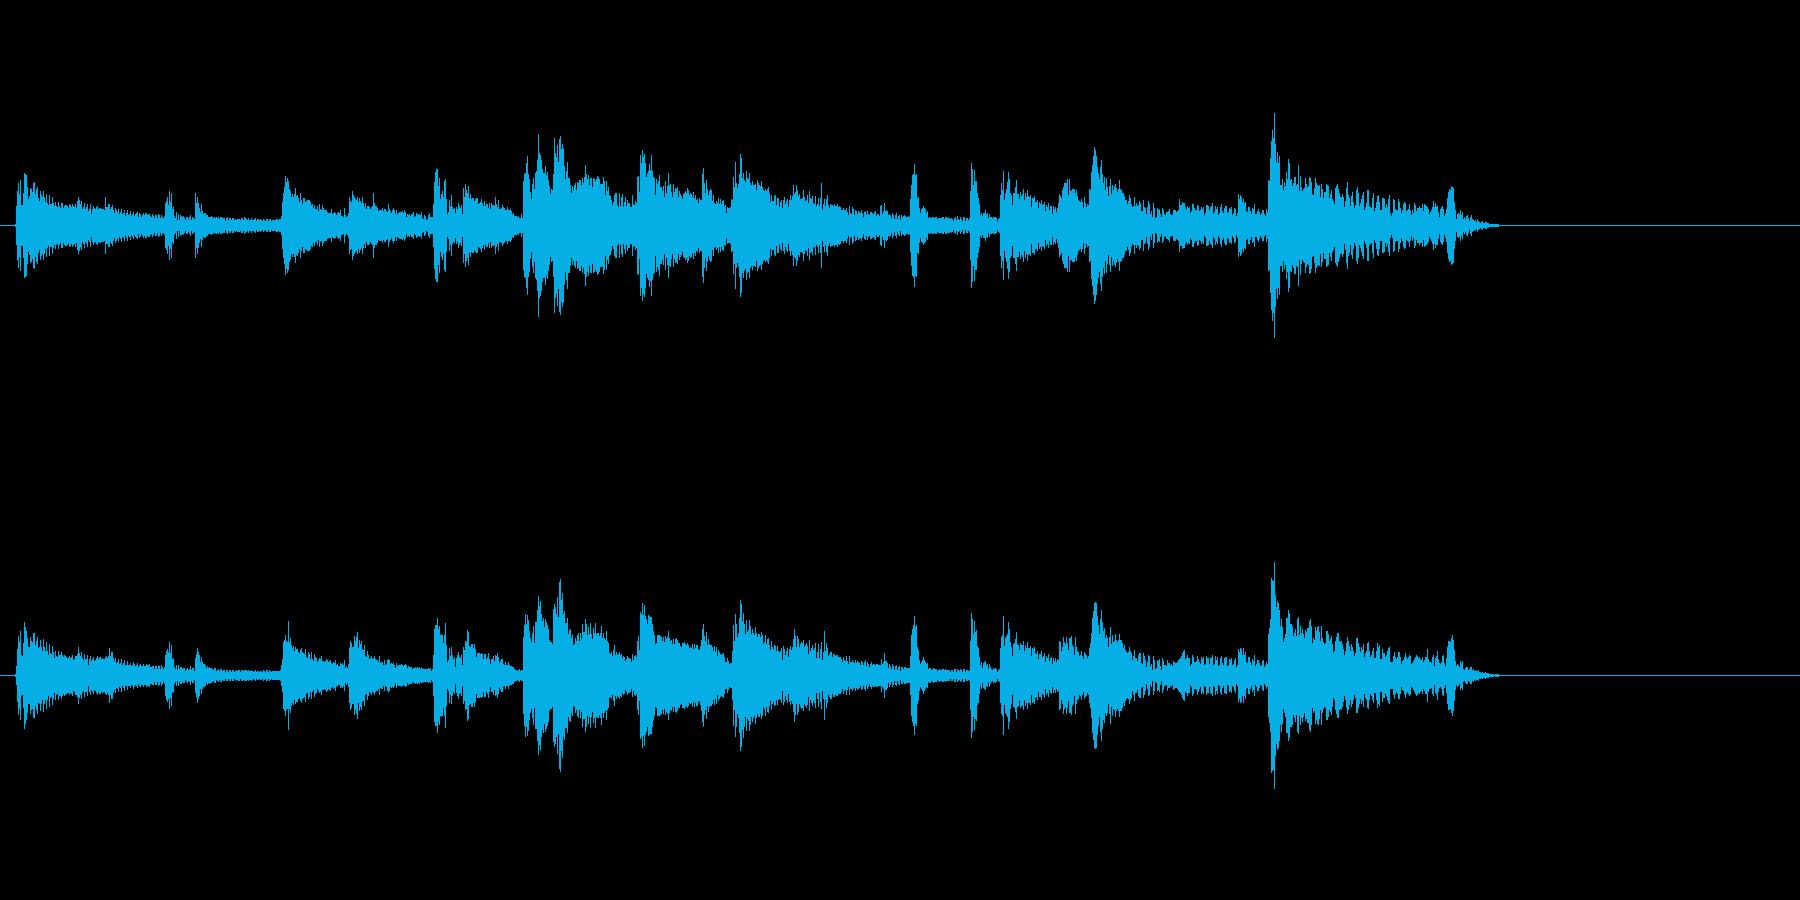 ジャズジングル出囃子音源の再生済みの波形